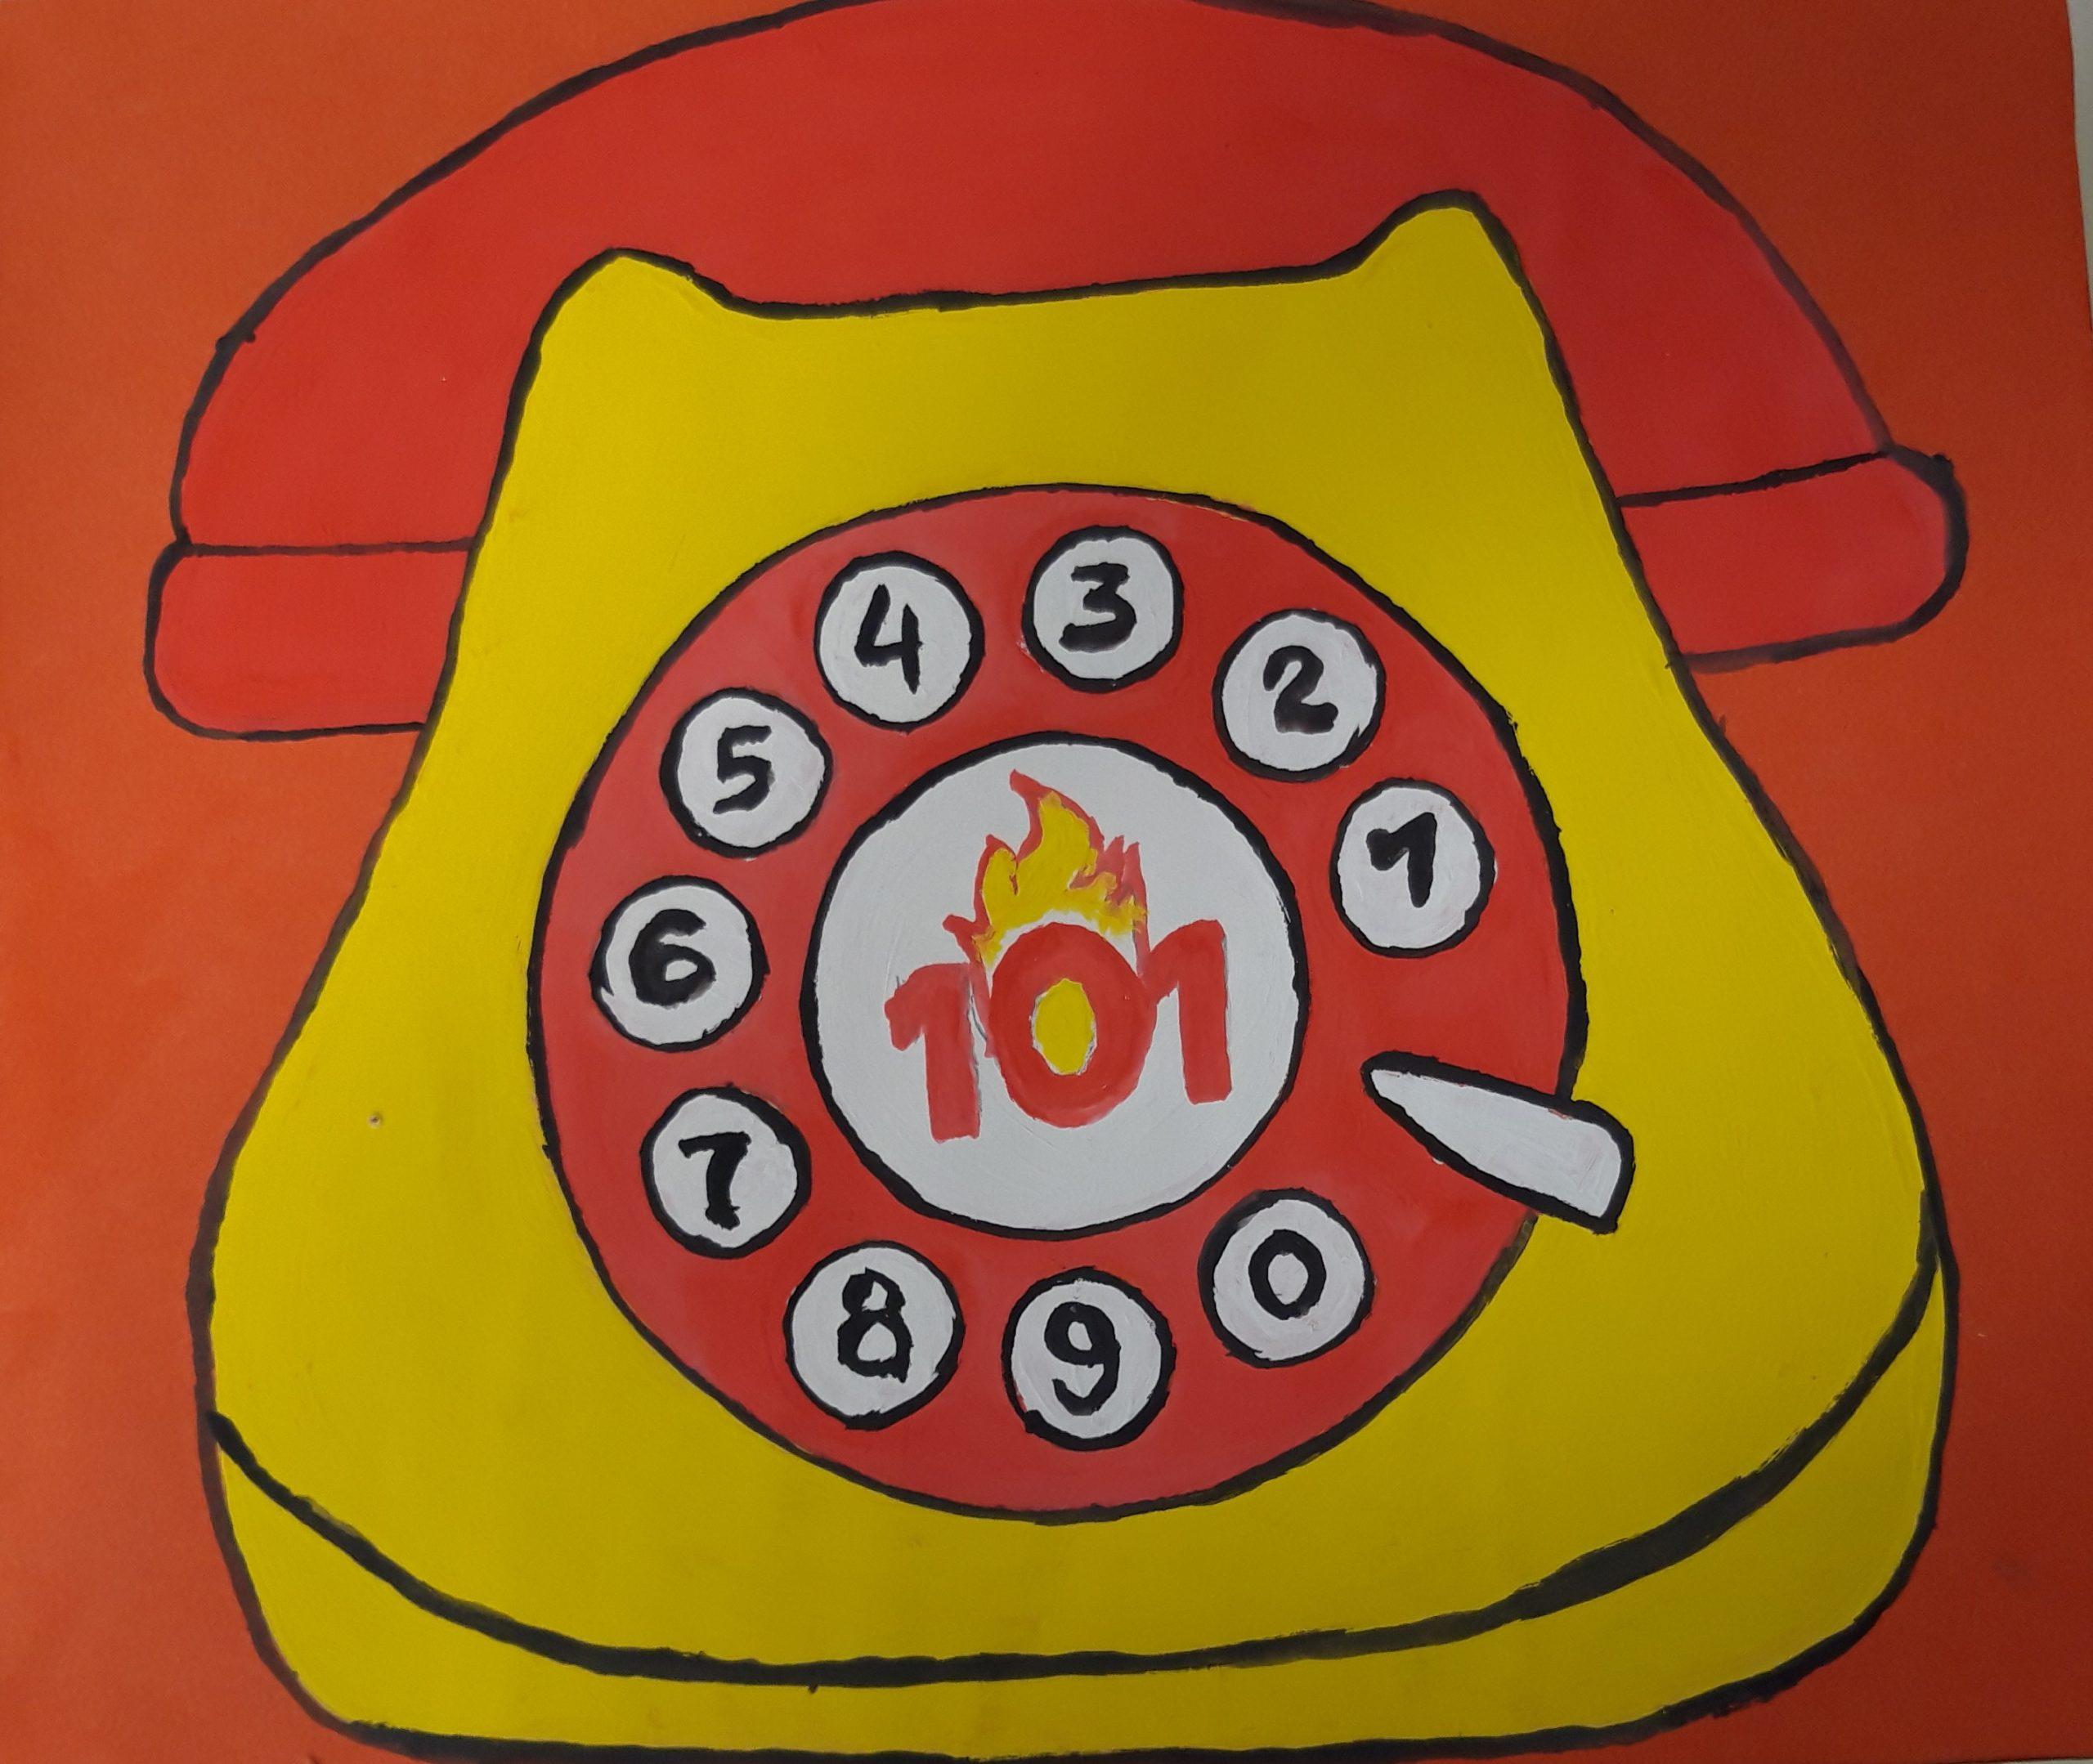 Итоги  областного конкурса слоганов «Это всем должно быть ясно, что шутить с огнем опасно»